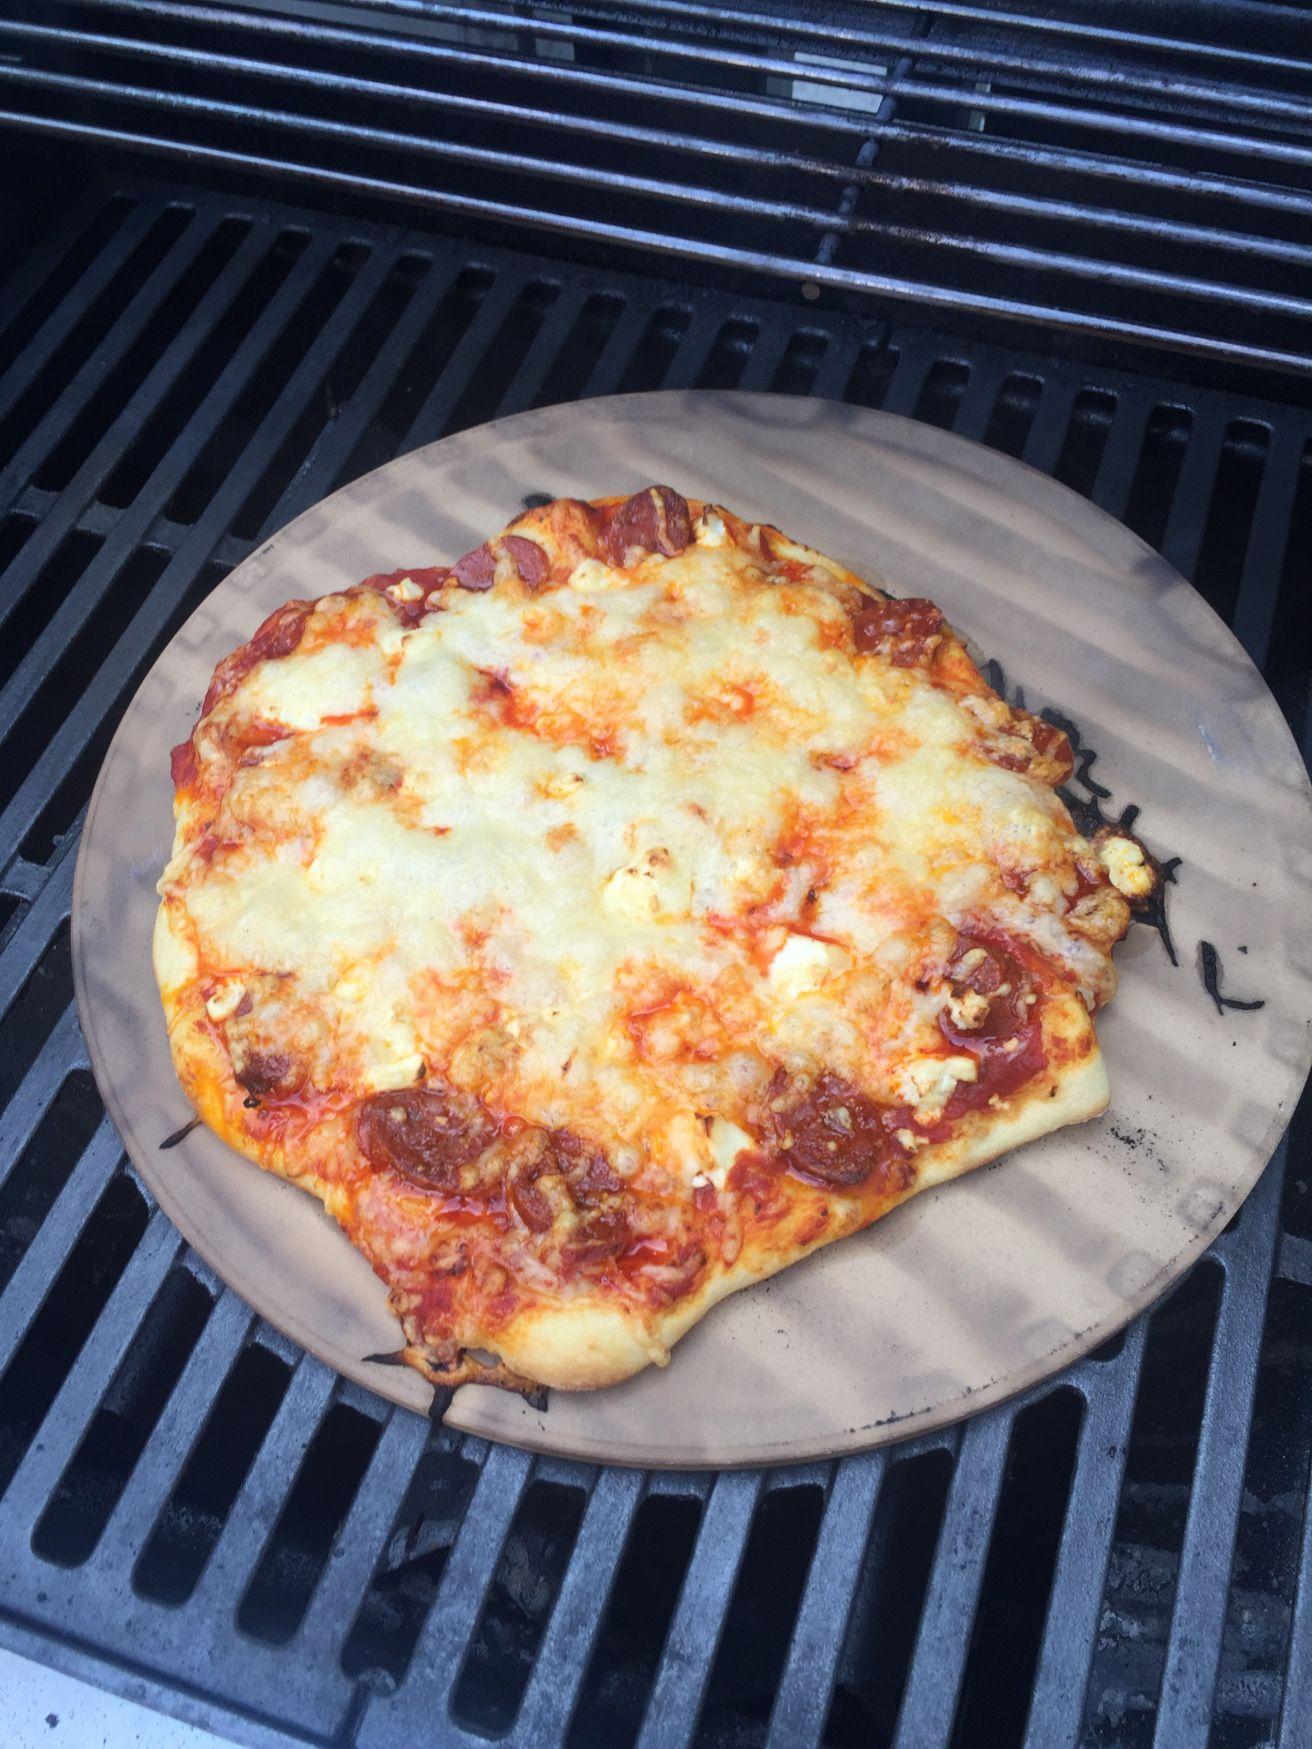 Gestern Haben Wir Mal Wieder Pizza Gegrillt Wobei Für Das Rezept